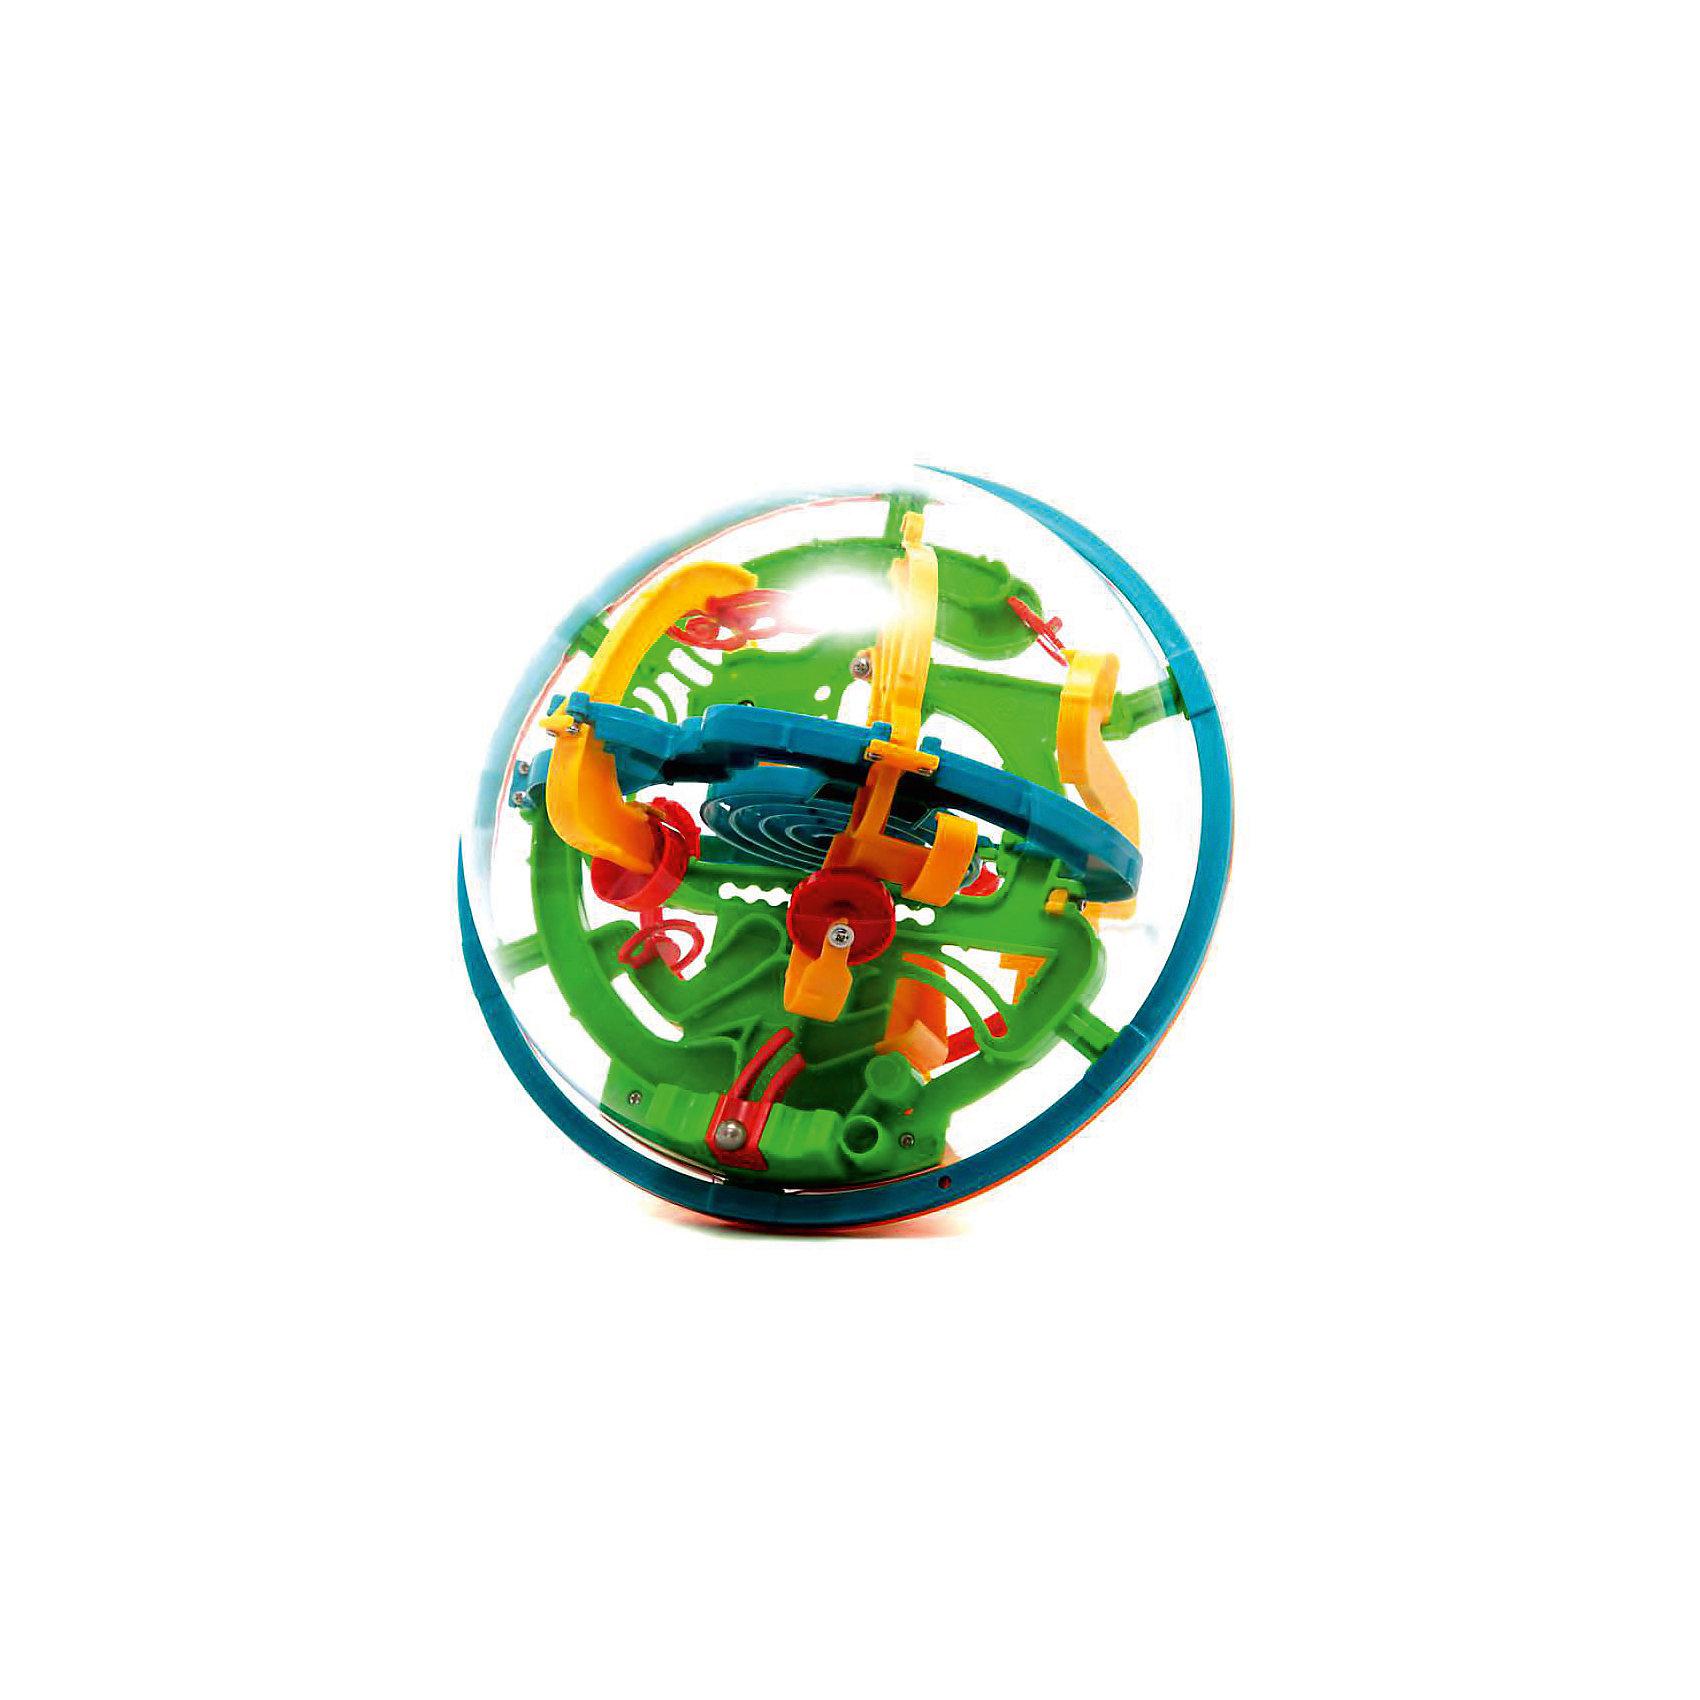 Лабиринтус 19 см, 138 шагов, LabirintusОбъёмные головоломки<br>Лабиринтус 19 см, 138 шагов, Labirintus<br><br>Это самая известная и популярная модель Лабиринтуса. Диаметр сферы составляет 19 см, внутренний лабиринт насчитывает 138 шагов. Шаги и препятствия сконструированы таким образом, чтобы максимально заинтересовать и сделать игру яркой и увлекательной! Думаете провести шарик через барьеры легко? Вперед! Не забудьте про гравитацию!<br><br>Вес: 428 г<br>Инд. упаковка: коробка<br>Материал: пластик, металл<br>Размеры ДхВхШ: 20*20*20<br><br>Ширина мм: 200<br>Глубина мм: 200<br>Высота мм: 200<br>Вес г: 428<br>Возраст от месяцев: 48<br>Возраст до месяцев: 192<br>Пол: Унисекс<br>Возраст: Детский<br>SKU: 5124642